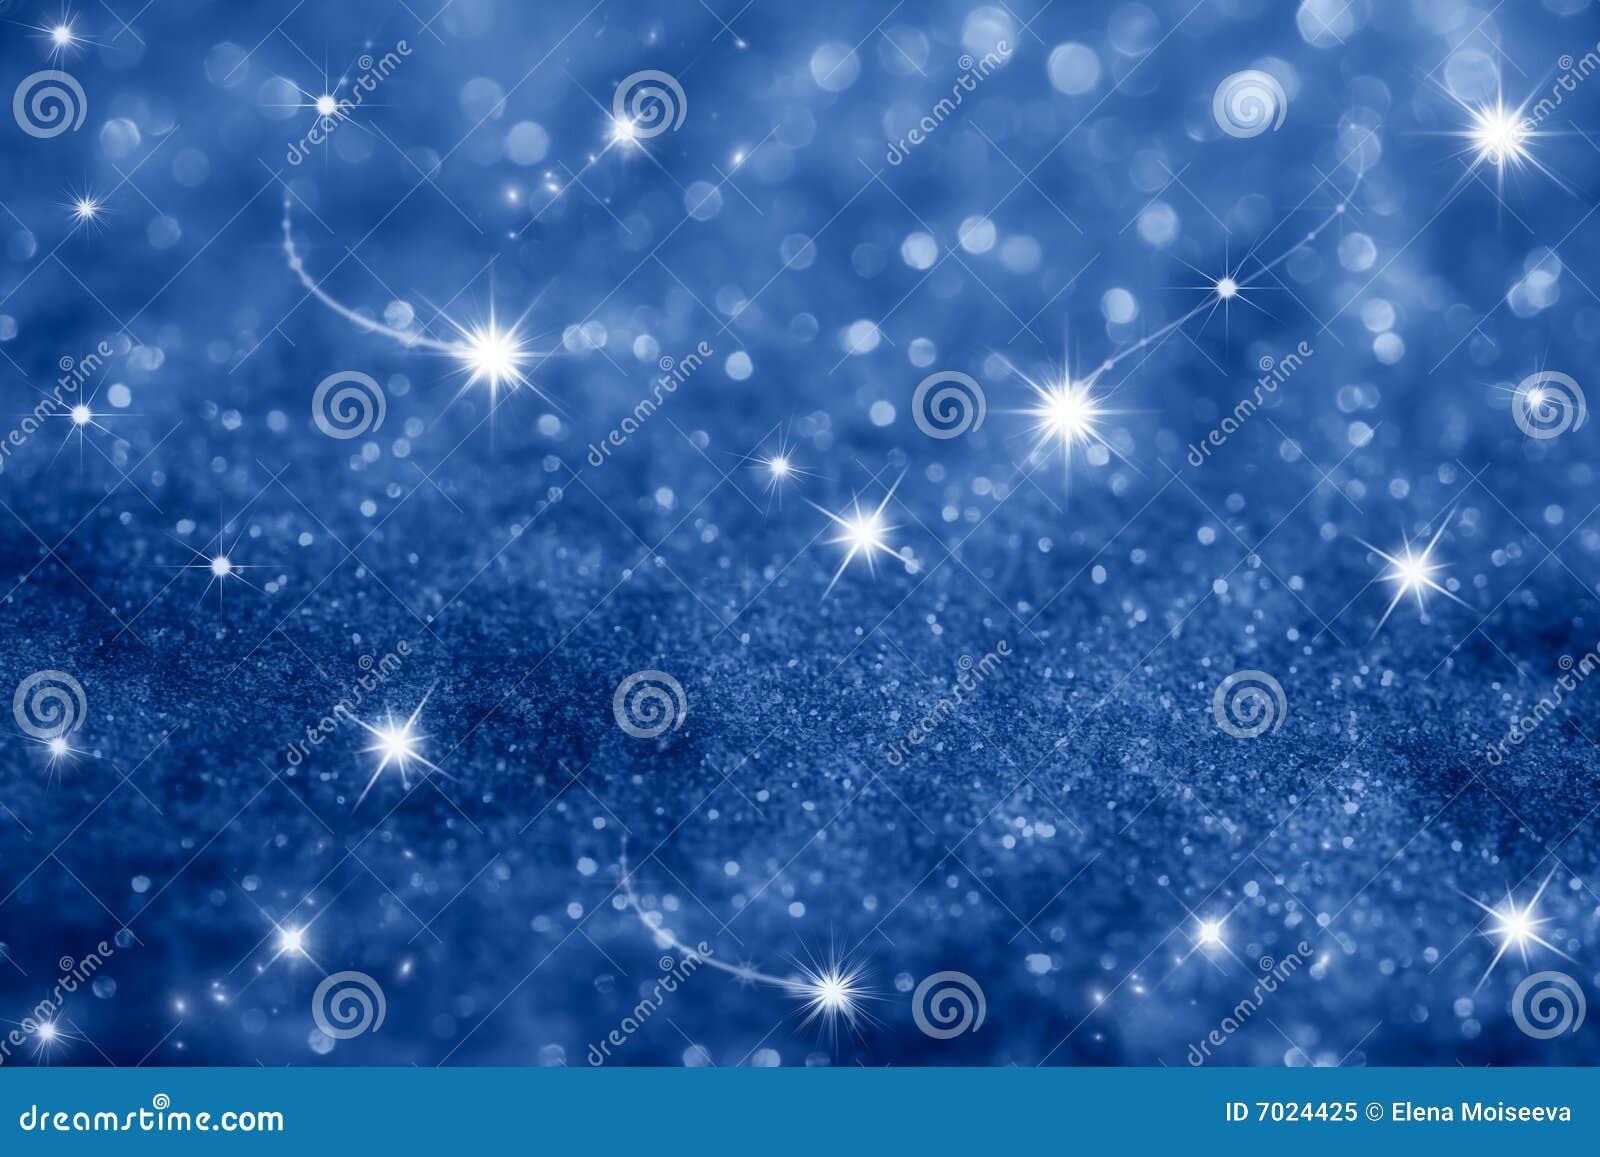 Dunkelblauer Stern- und Funkelnscheinhintergrund